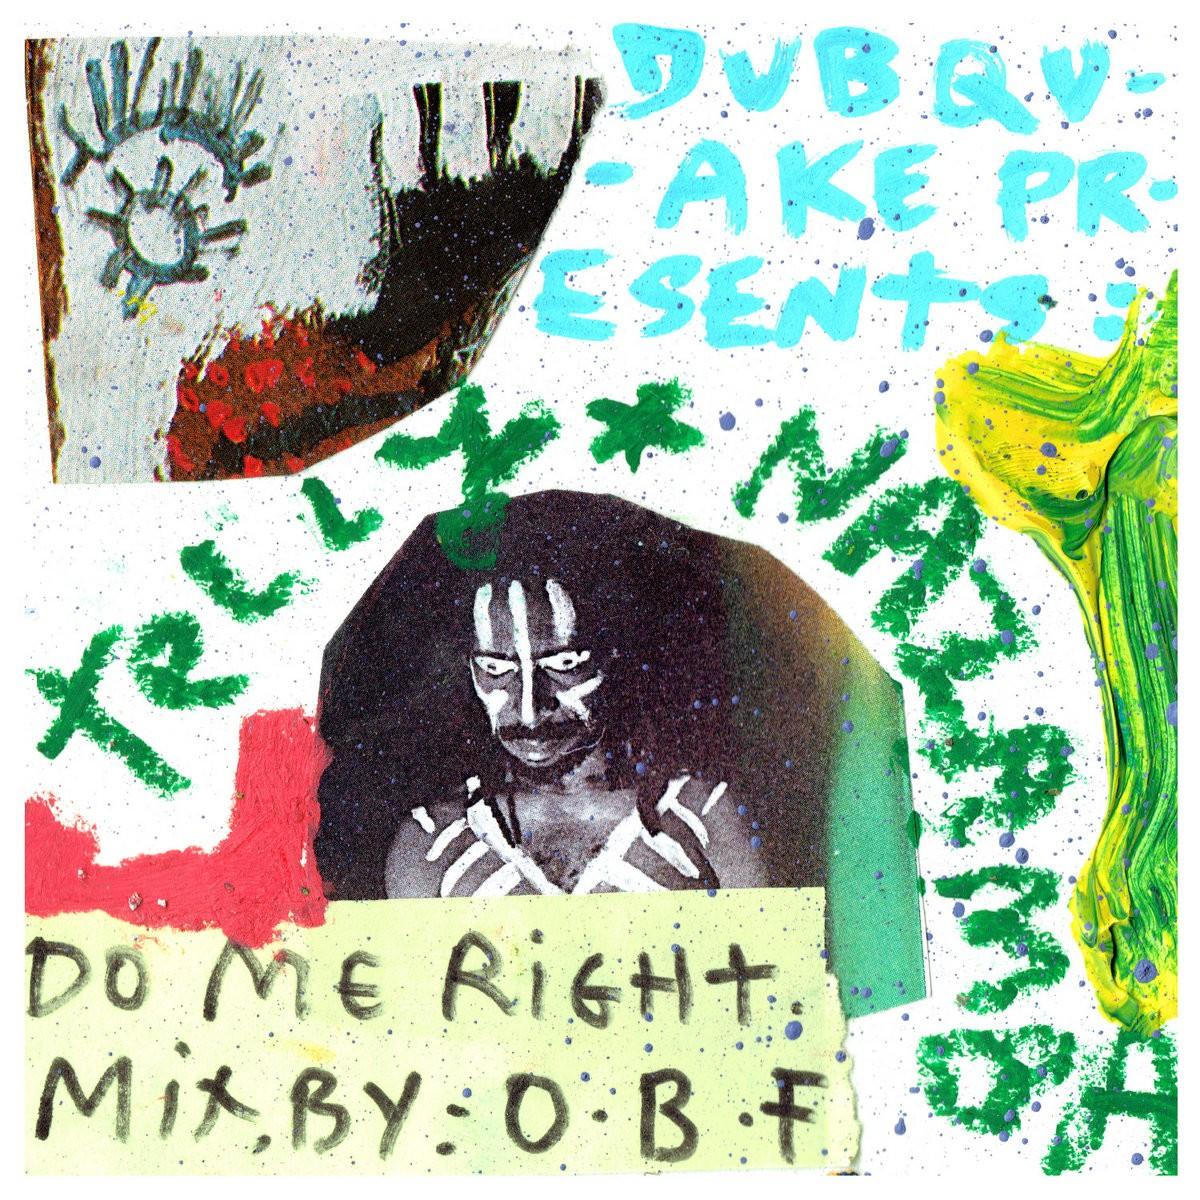 Dub Me Right : Telly  feat Nazamba & O.B.F